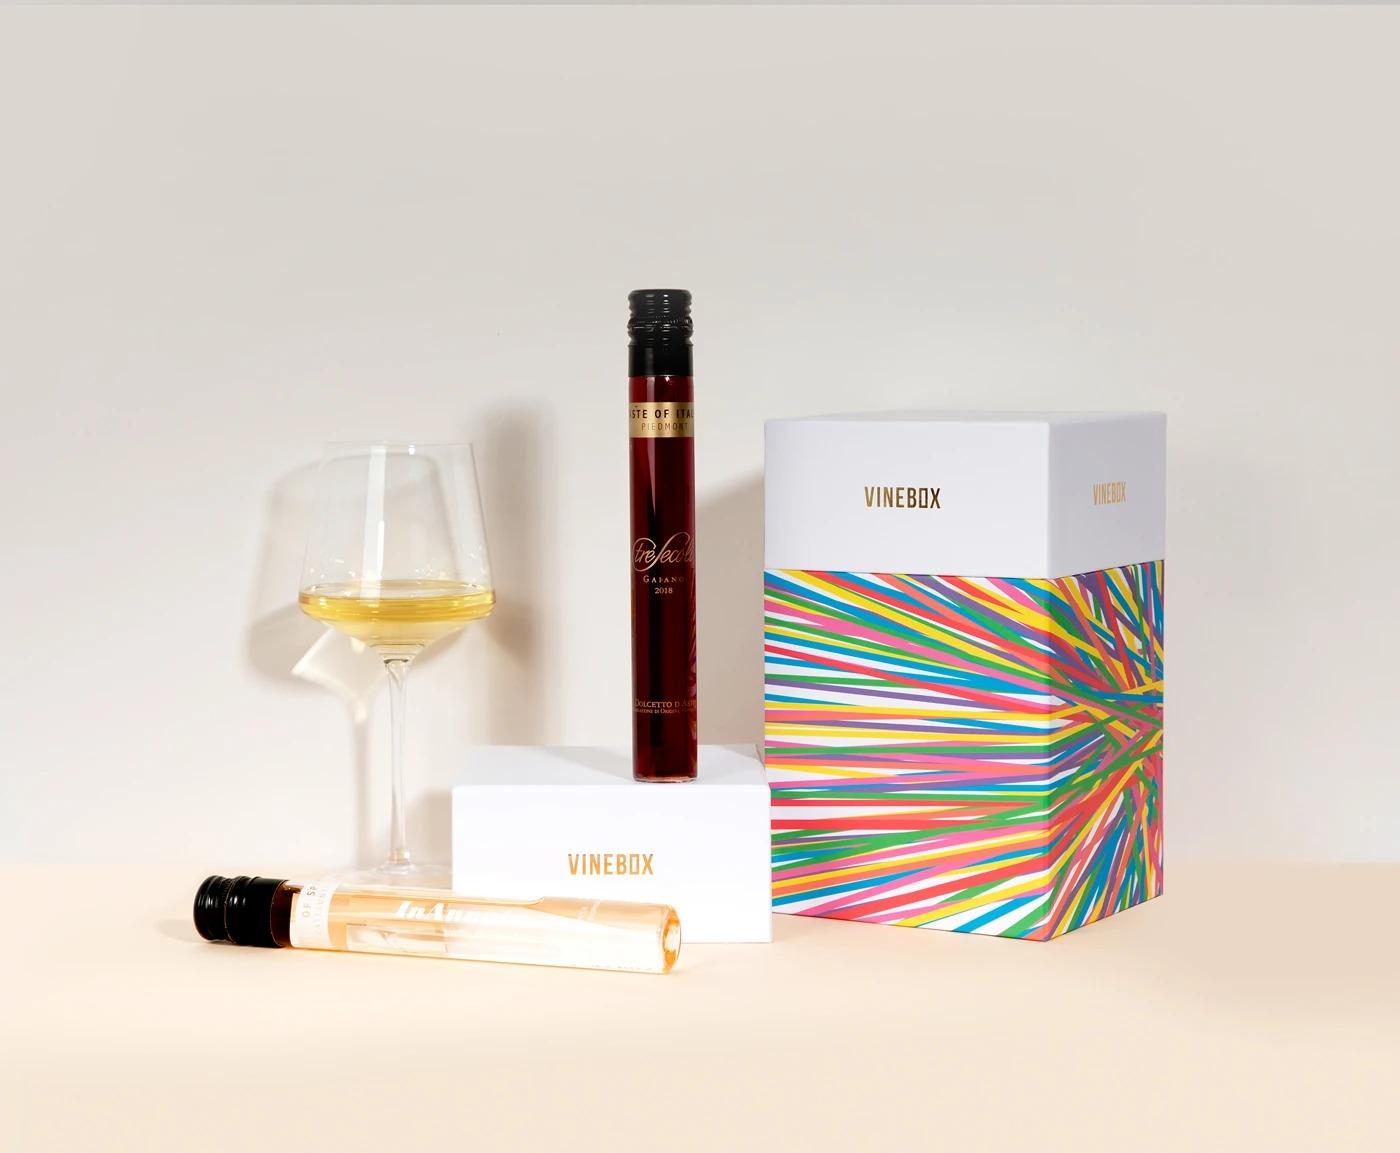 VINEBOX Single Varietals Tasting